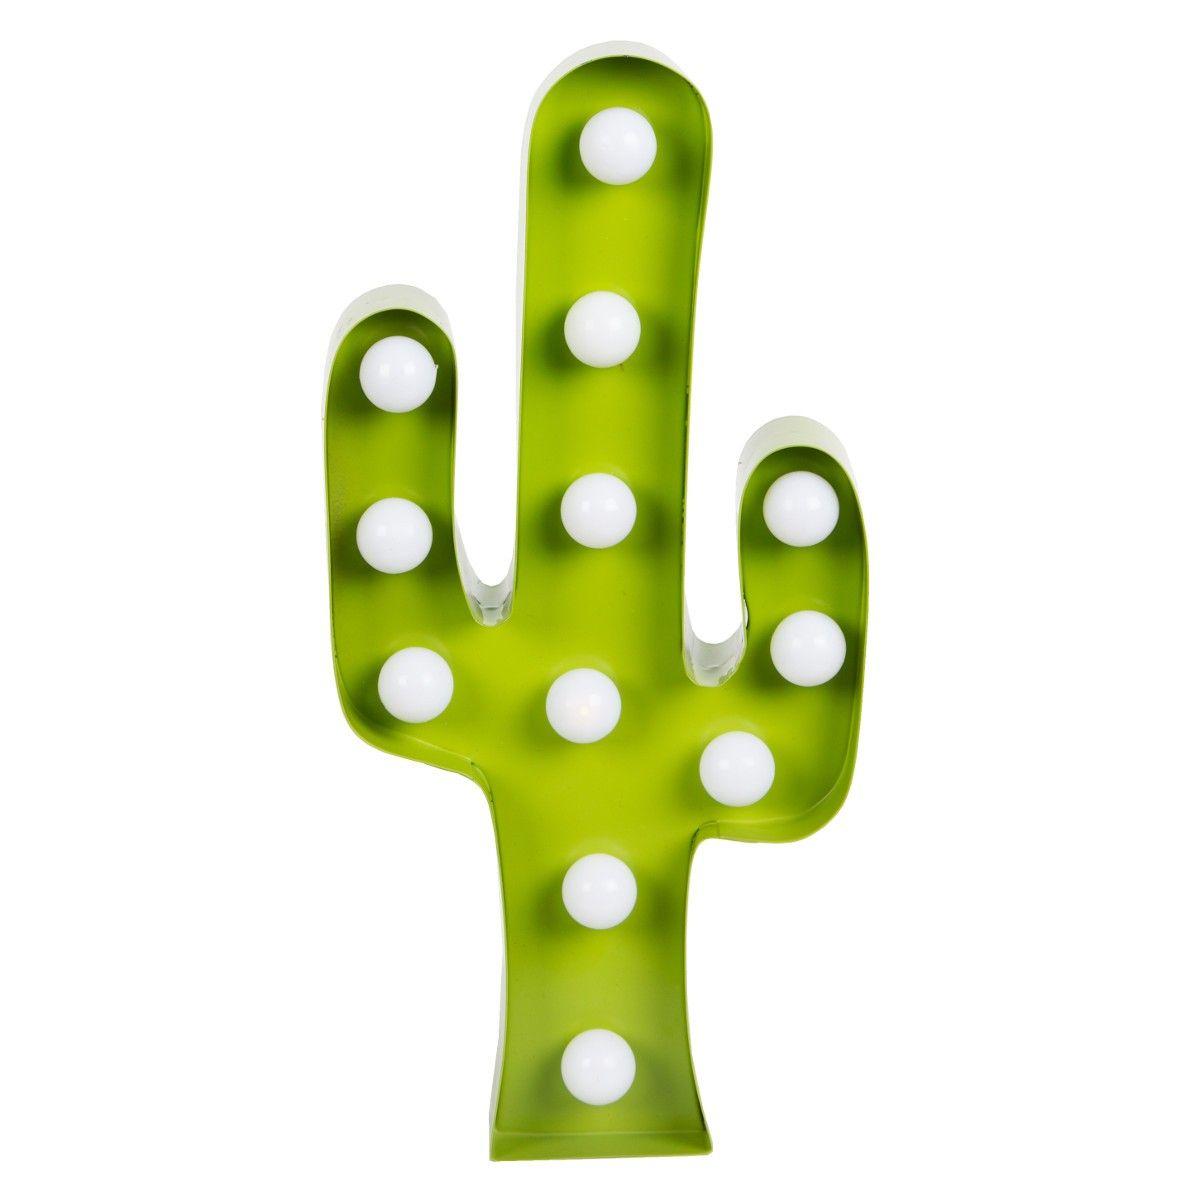 kaktus lampe gute bild und efacaddbc